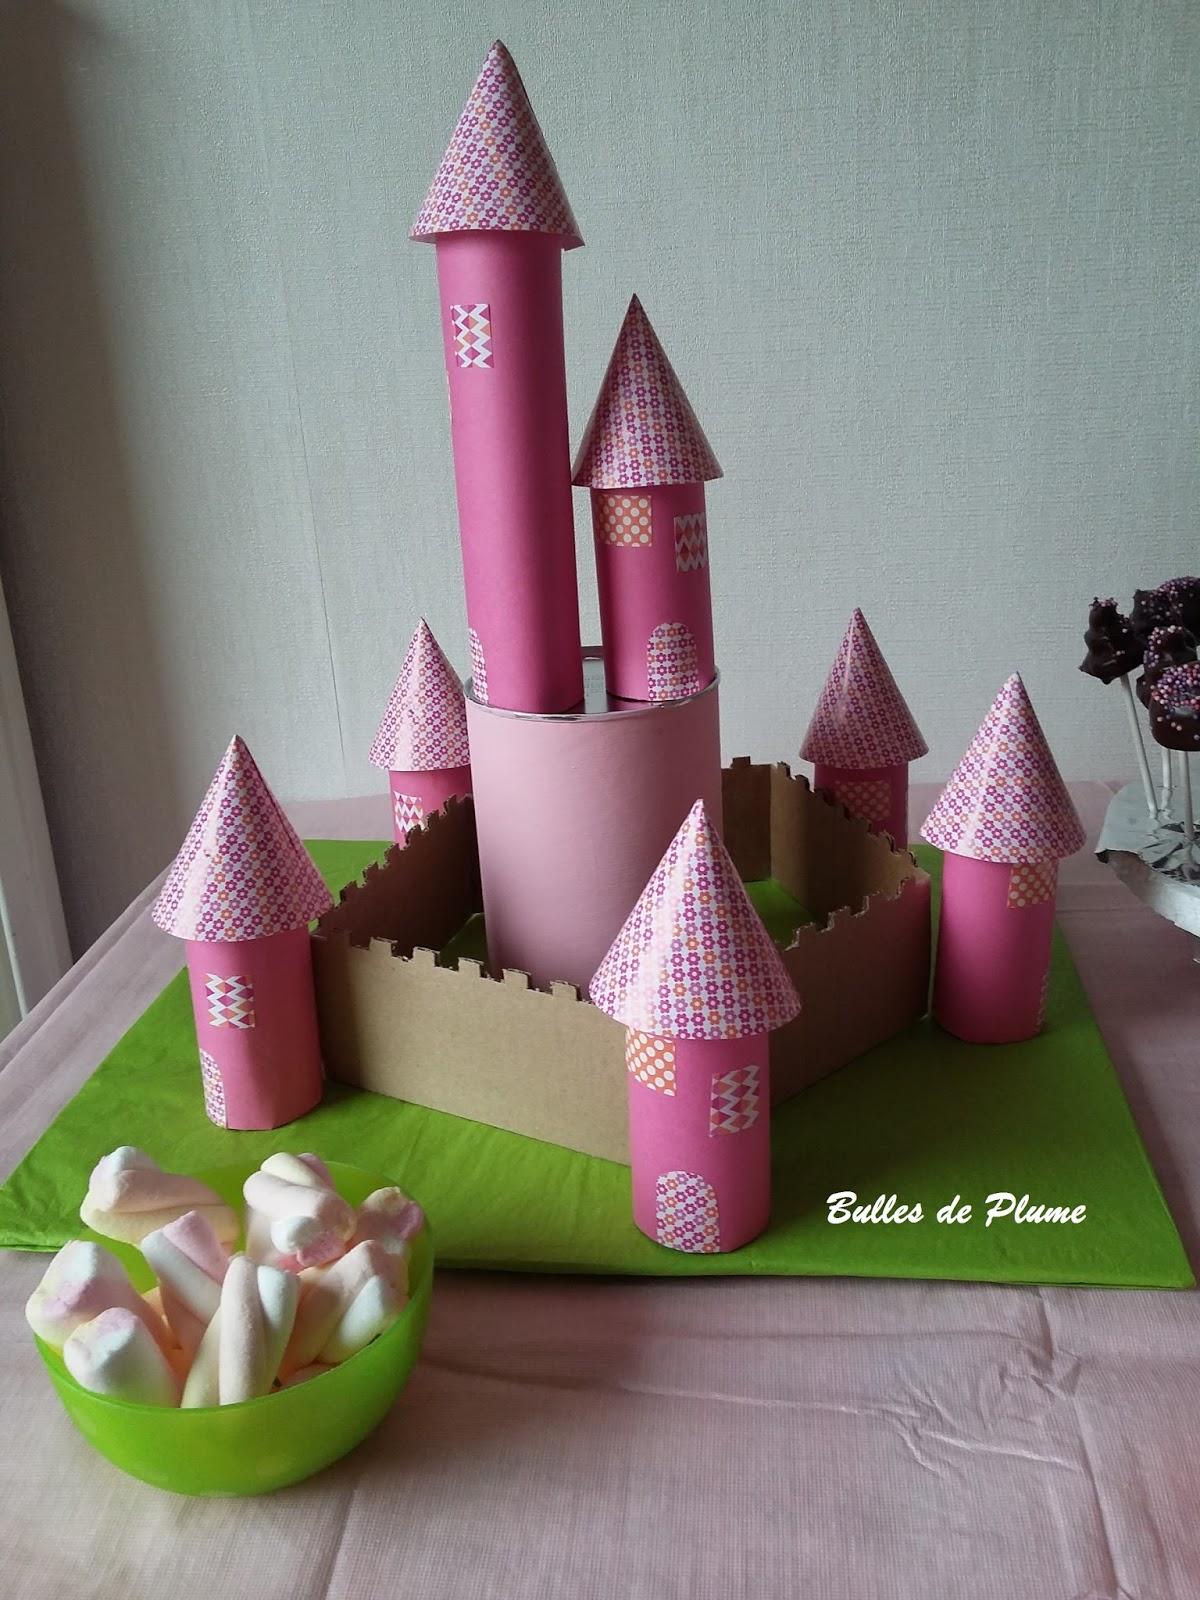 bulles de plume 5 ans et un anniversaire de princesse. Black Bedroom Furniture Sets. Home Design Ideas